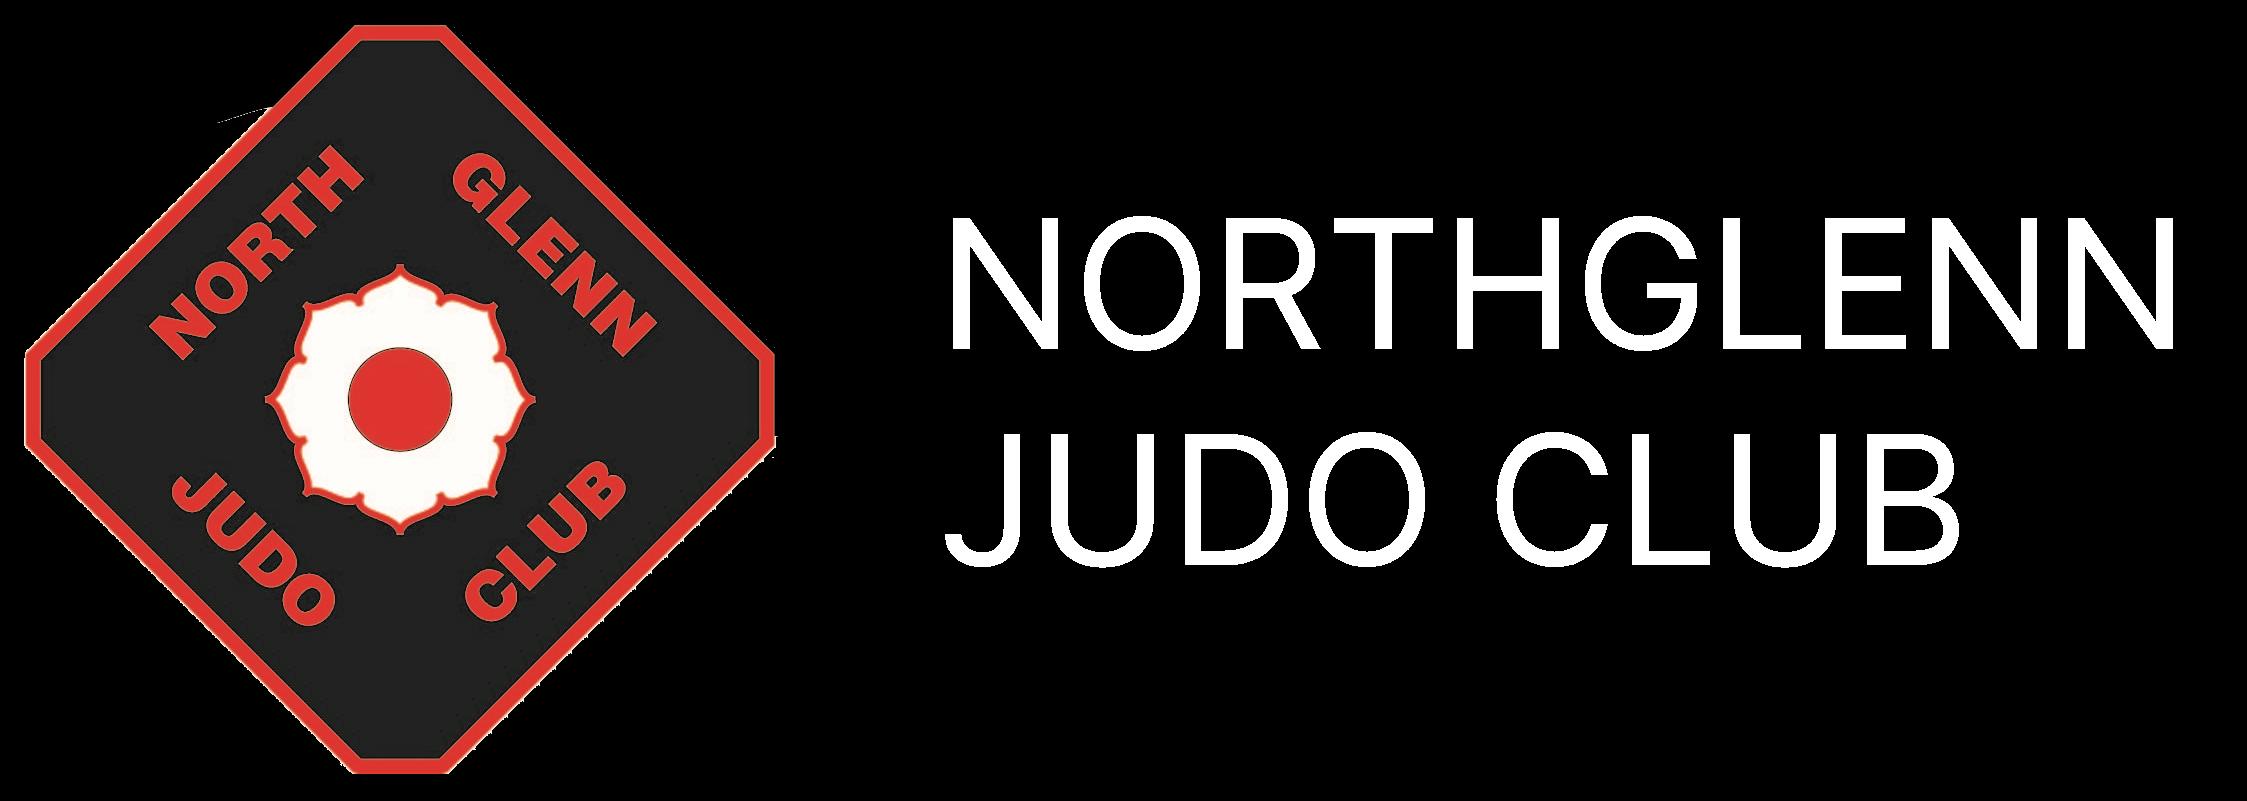 NORTHGLENN JUDO CLUB